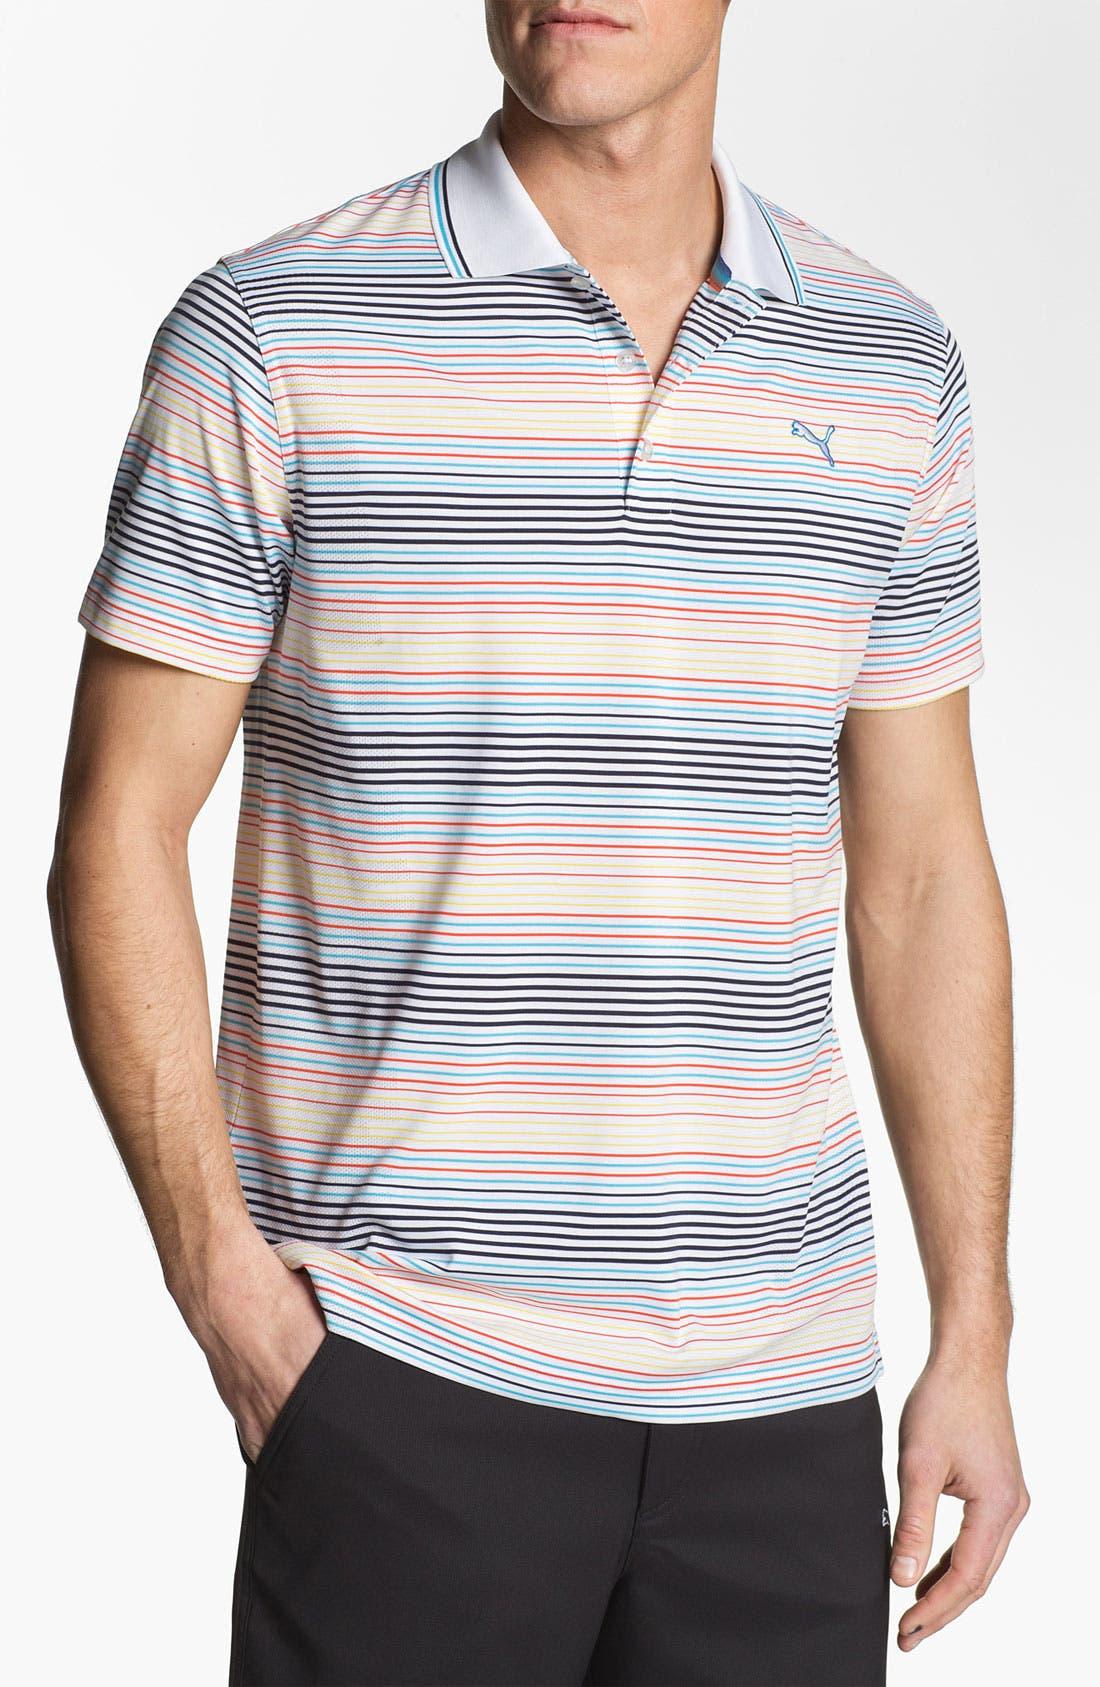 Main Image - PUMA GOLF Stripe Jacquard Polo